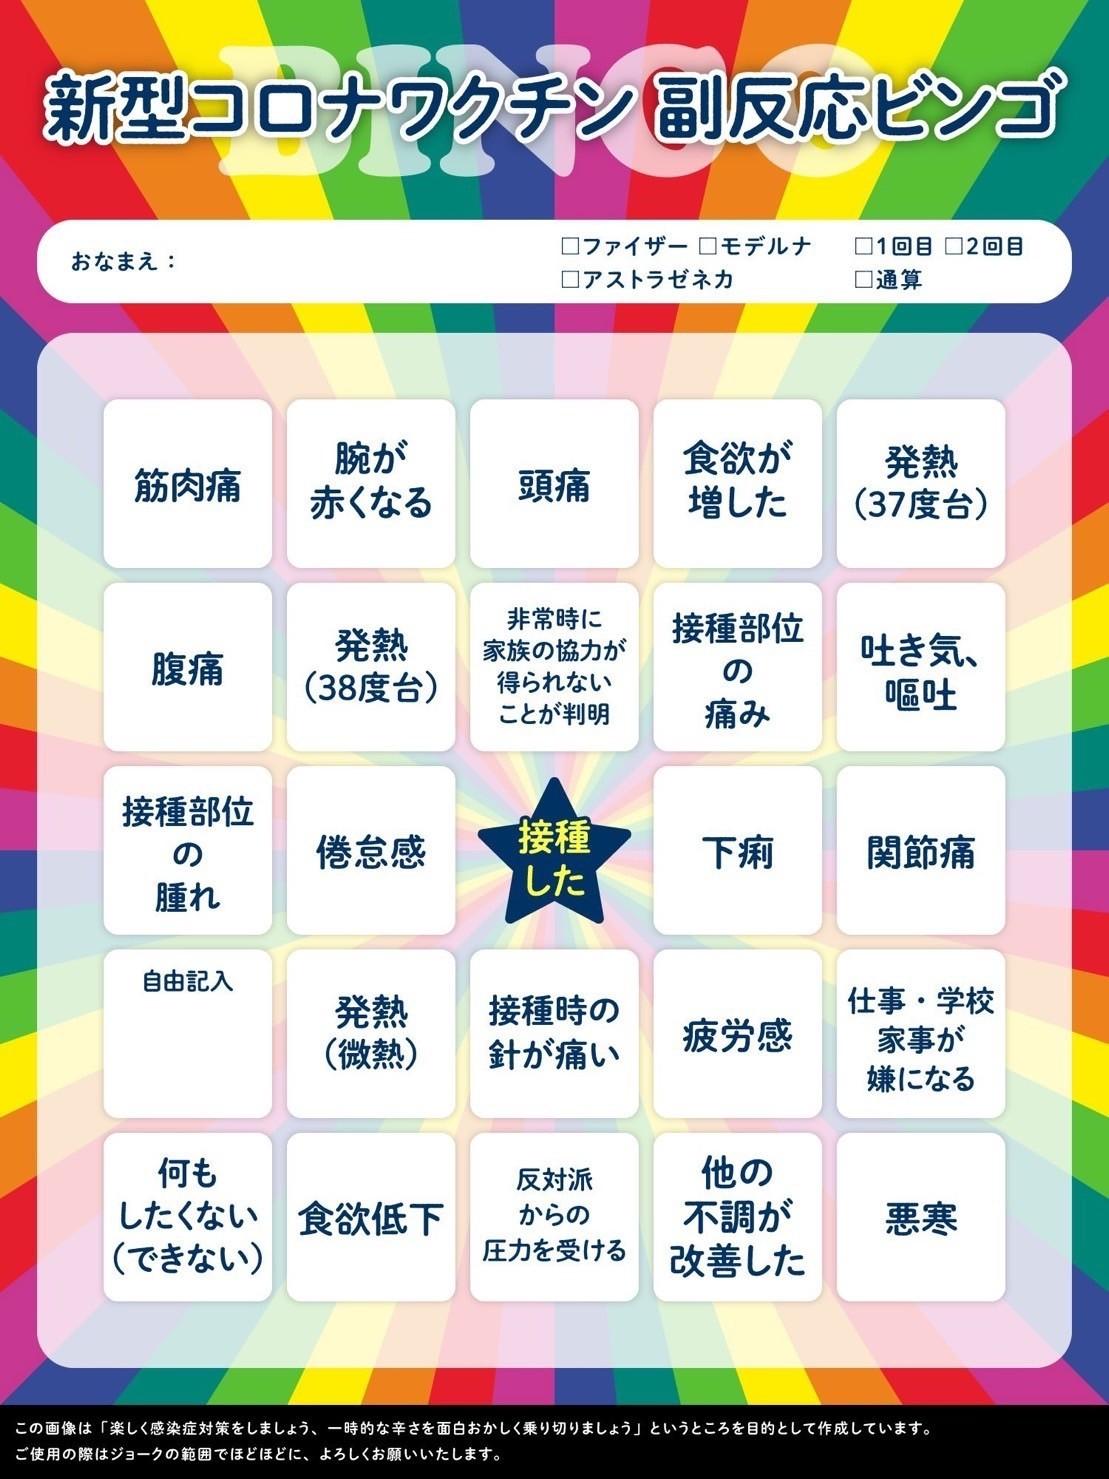 f:id:bobi-wan:20210903063807j:plain:w360